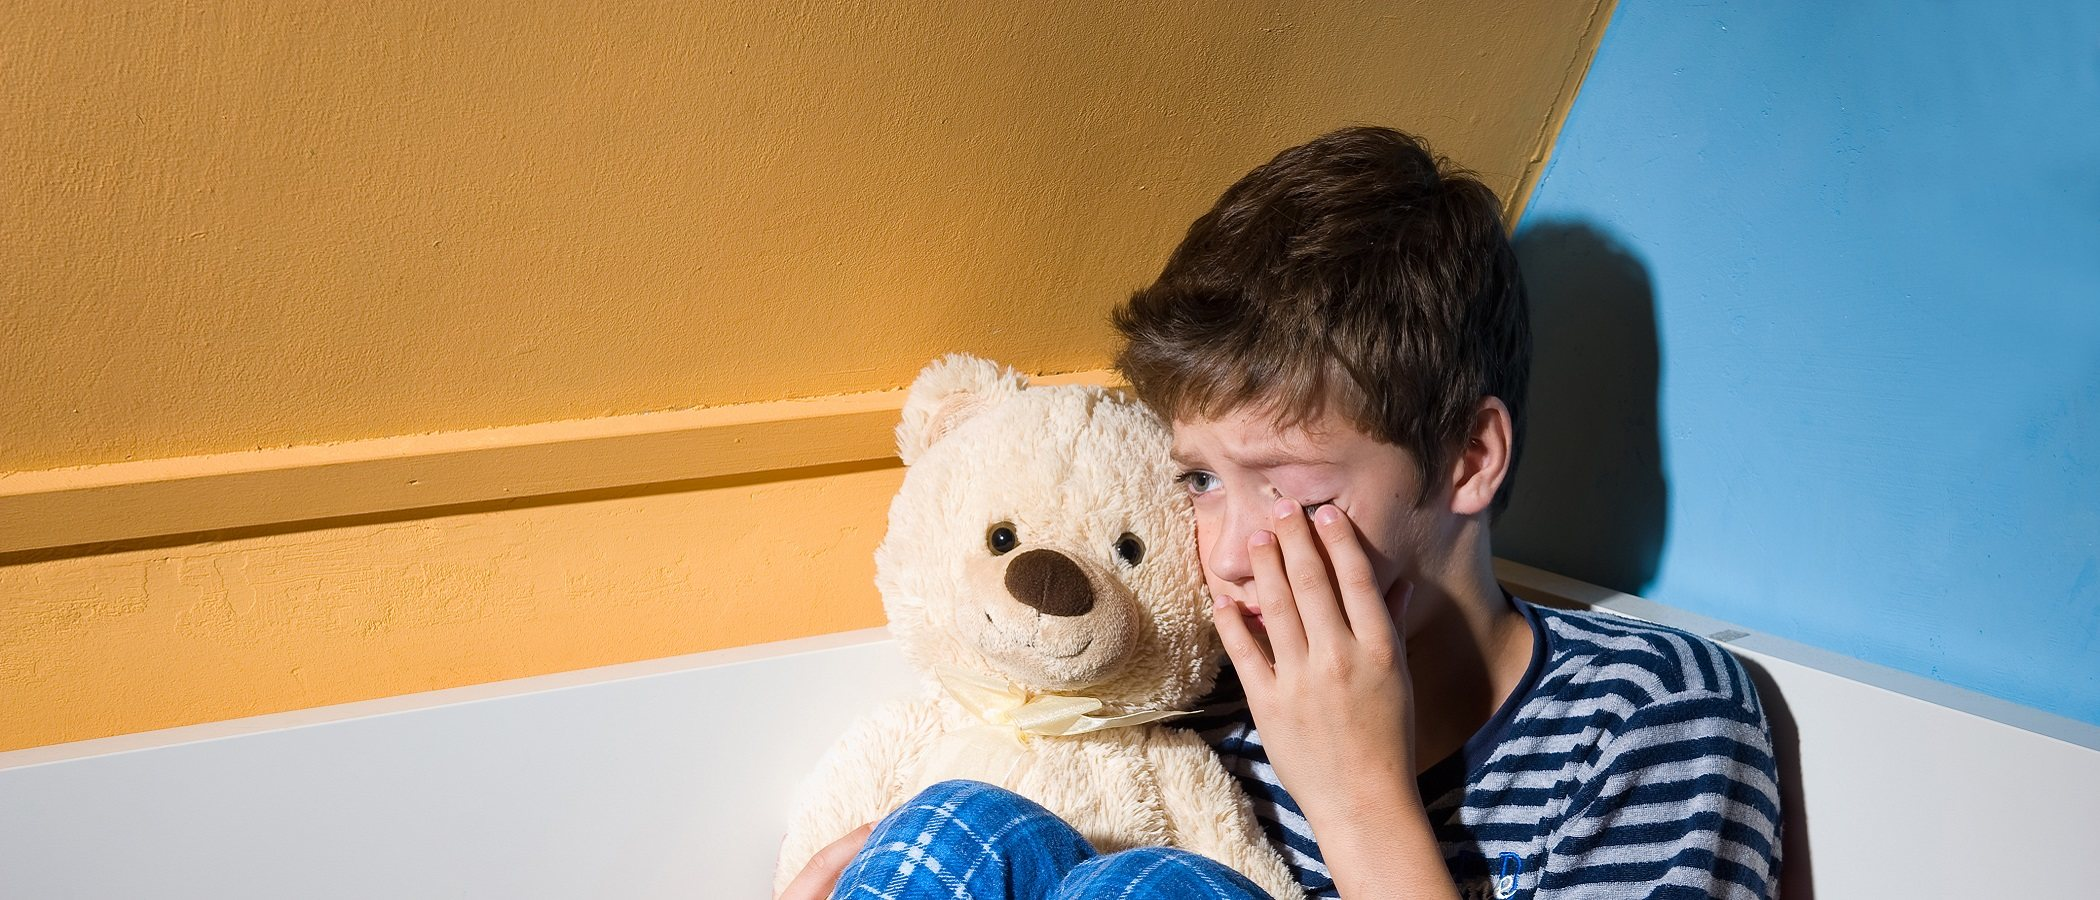 Cómo ayudar a los niños a superar sus miedos